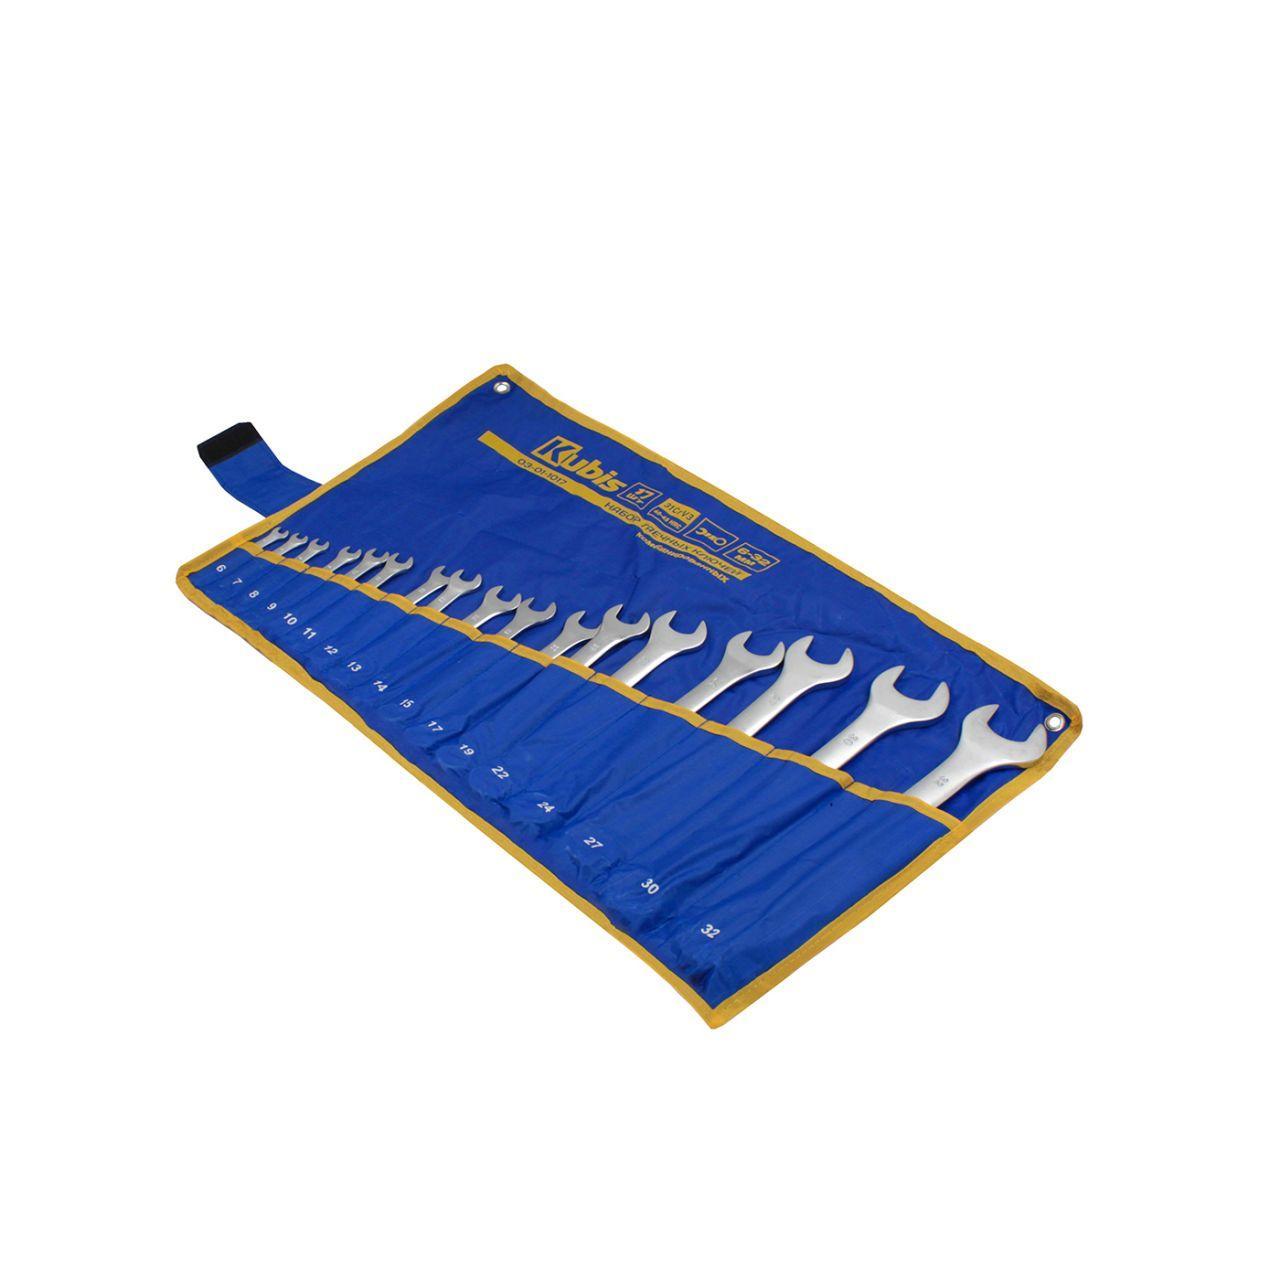 Ключи комбинированные гаечные набор 20 шт., (6-19,21,22,24,27,30,32 мм), 31CrV3, DIN 3113